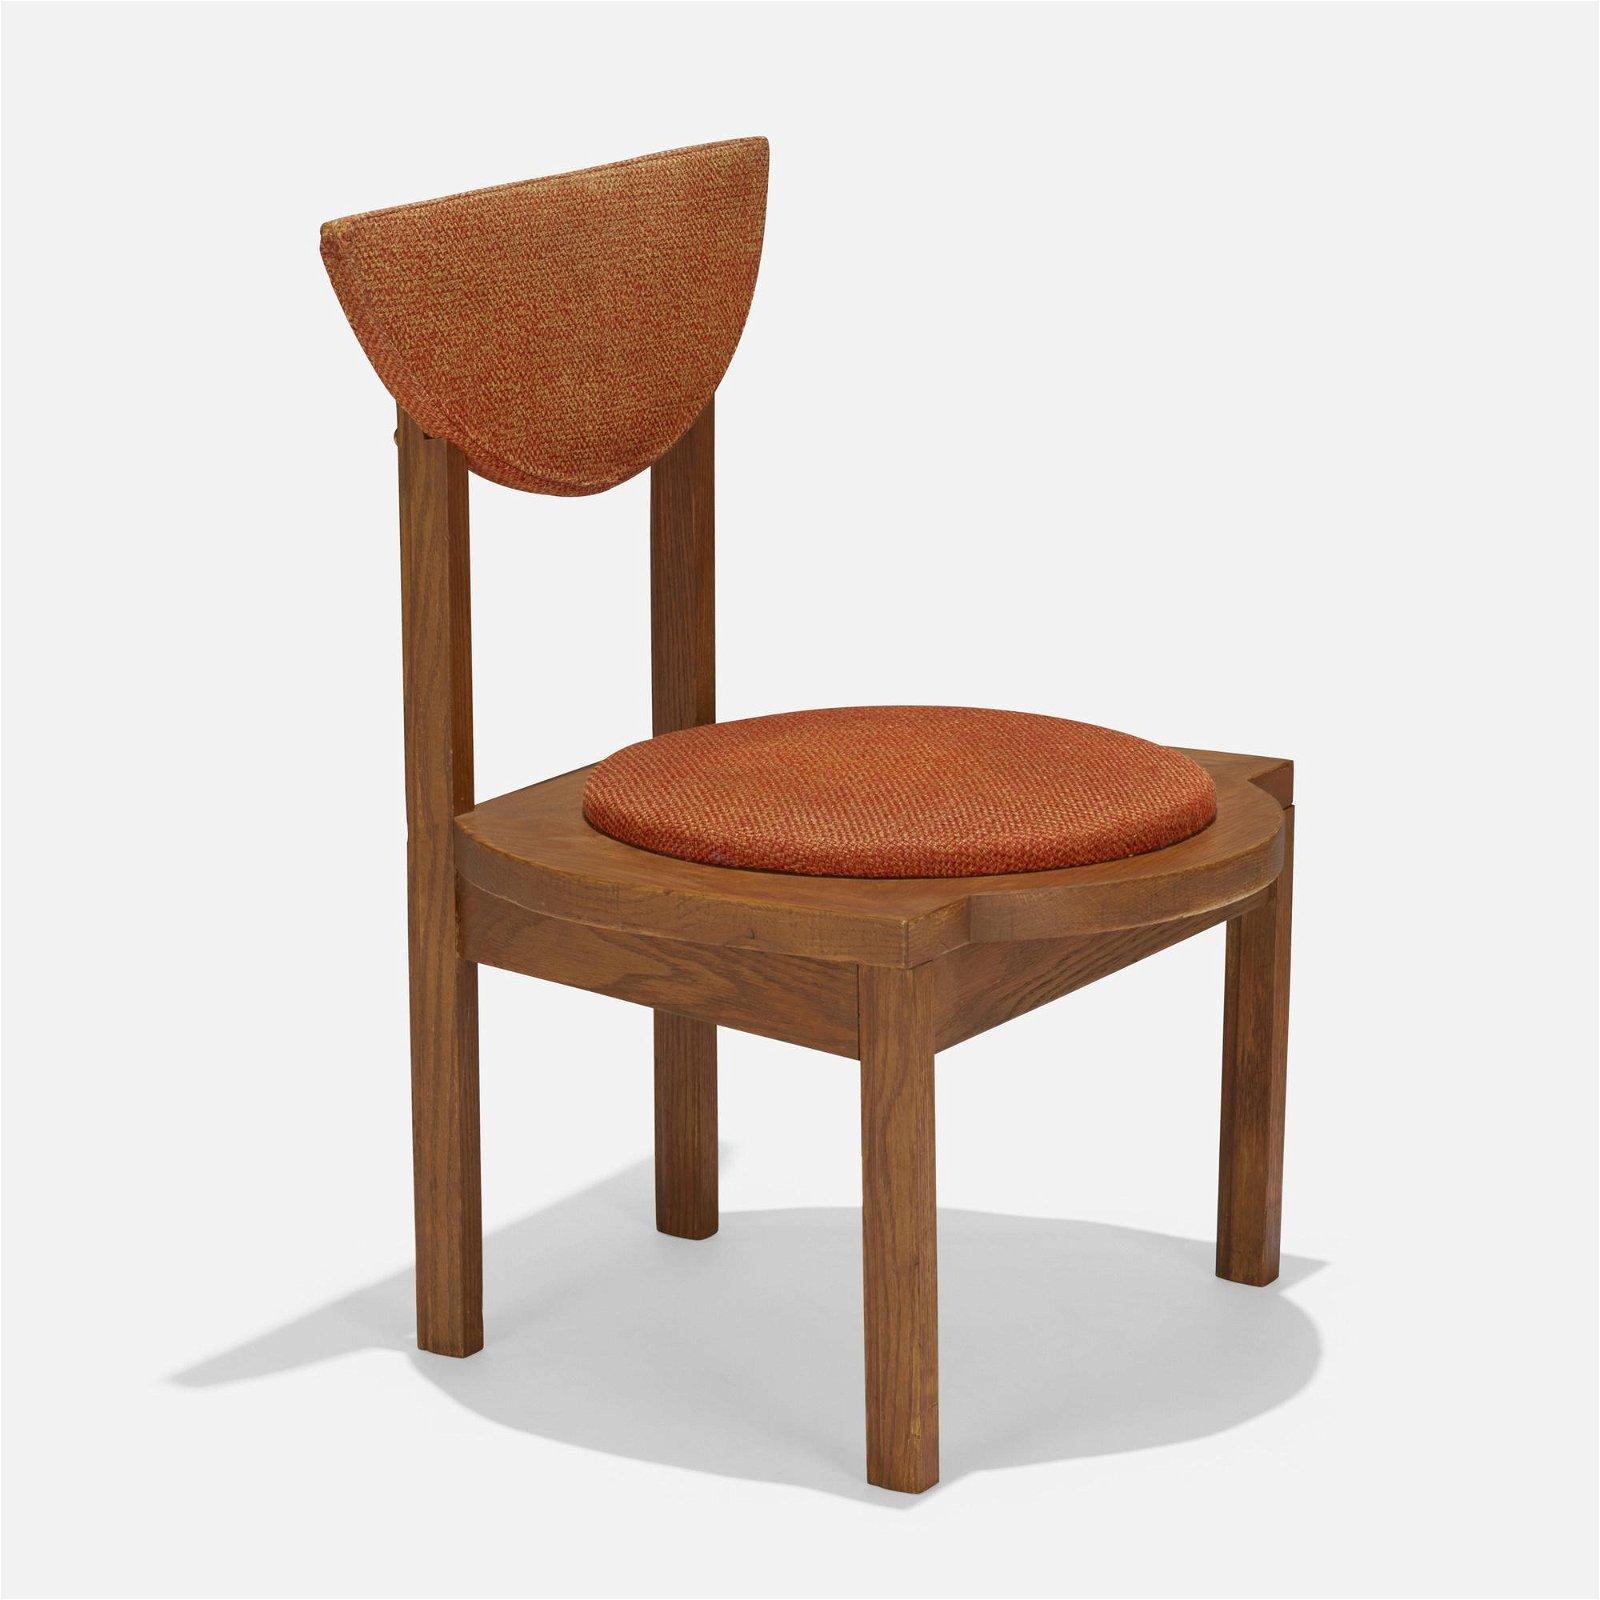 Frank Lloyd Wright, dining chair